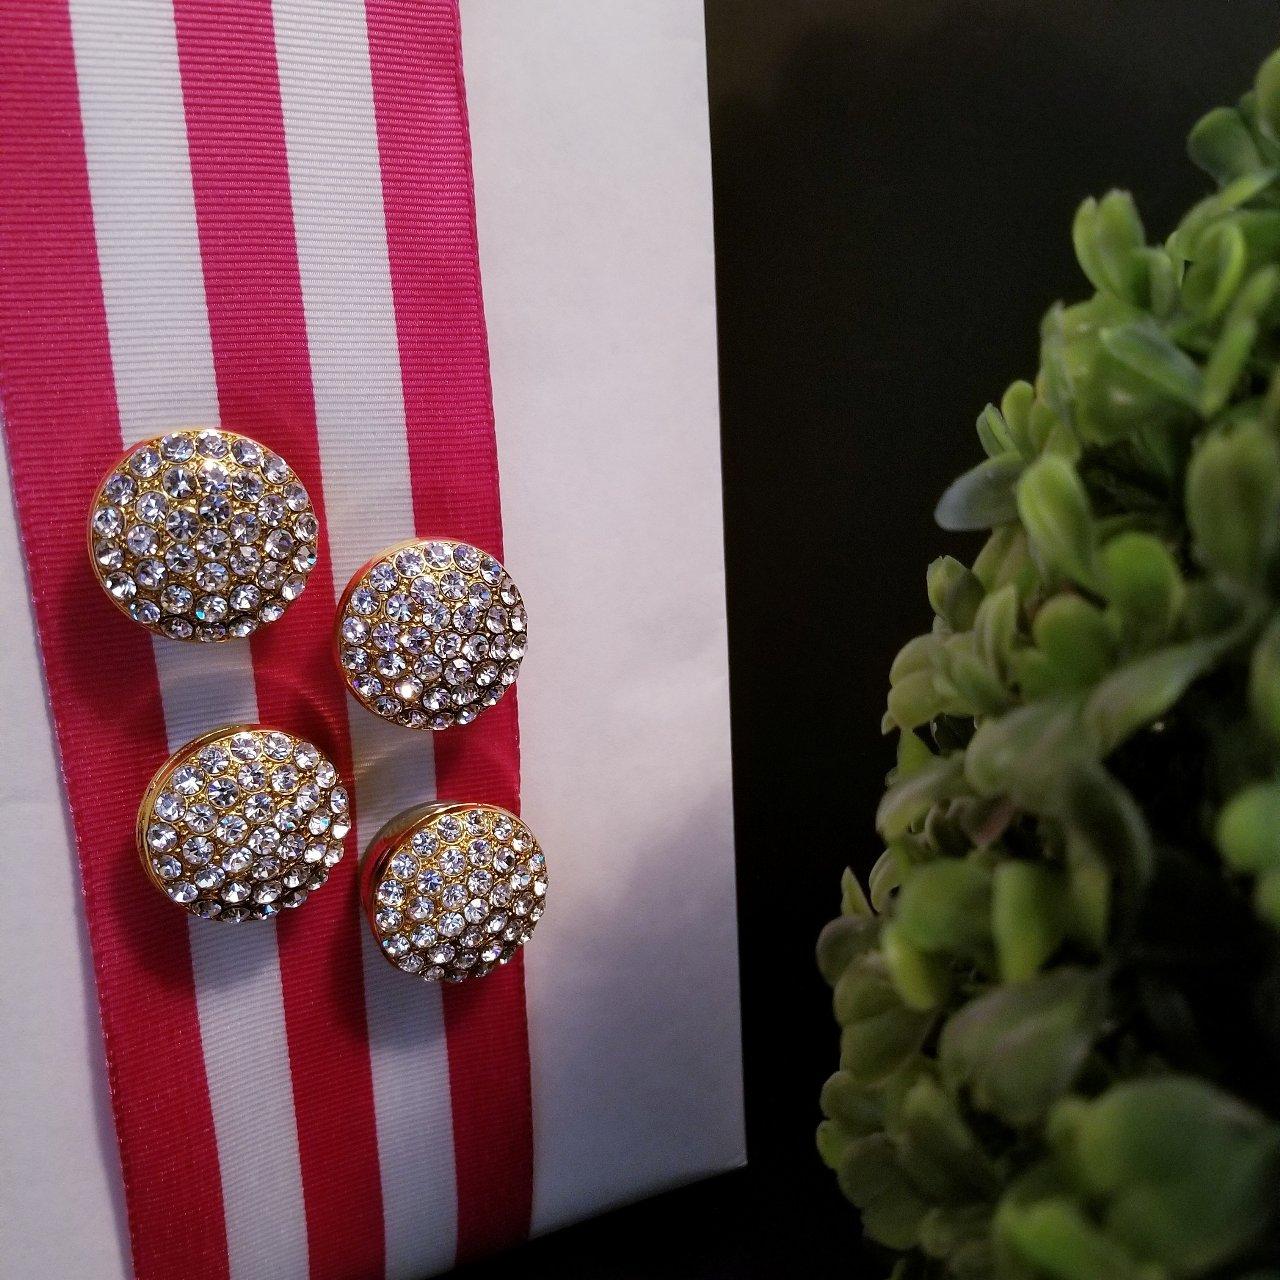 E-Artistry Set of 4 Fashion Magnets Bling.jpg